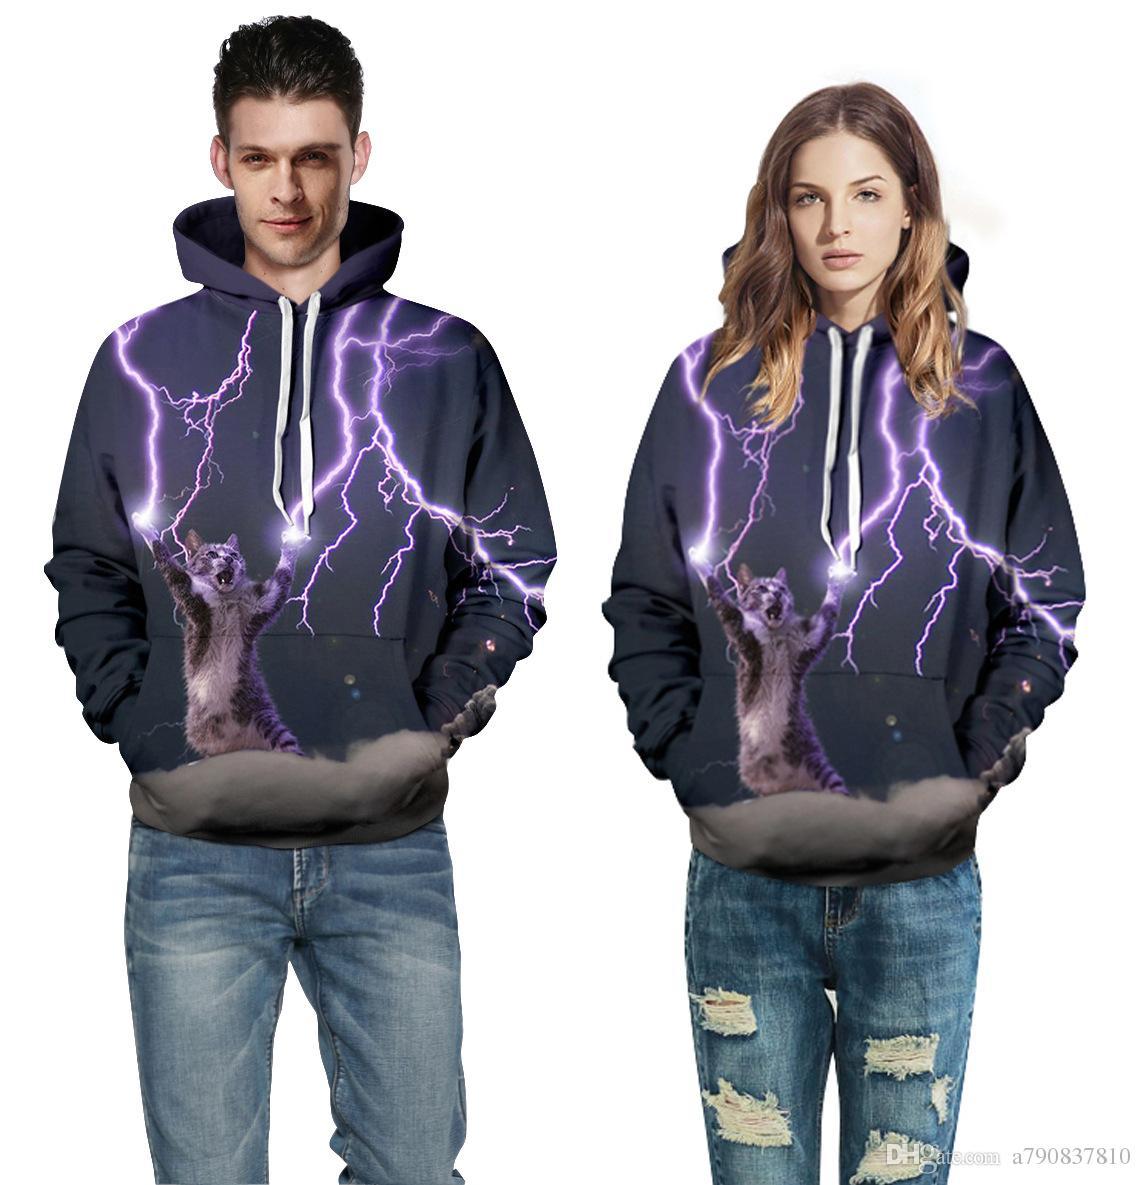 Les amoureux de l'automne et de l'hiver qui vendent des vêtements chauds portent des pulls à capuche, de nouveaux produits en gros, des vêtements de loisirs à impression digitale pour chat, dix types de couleurs